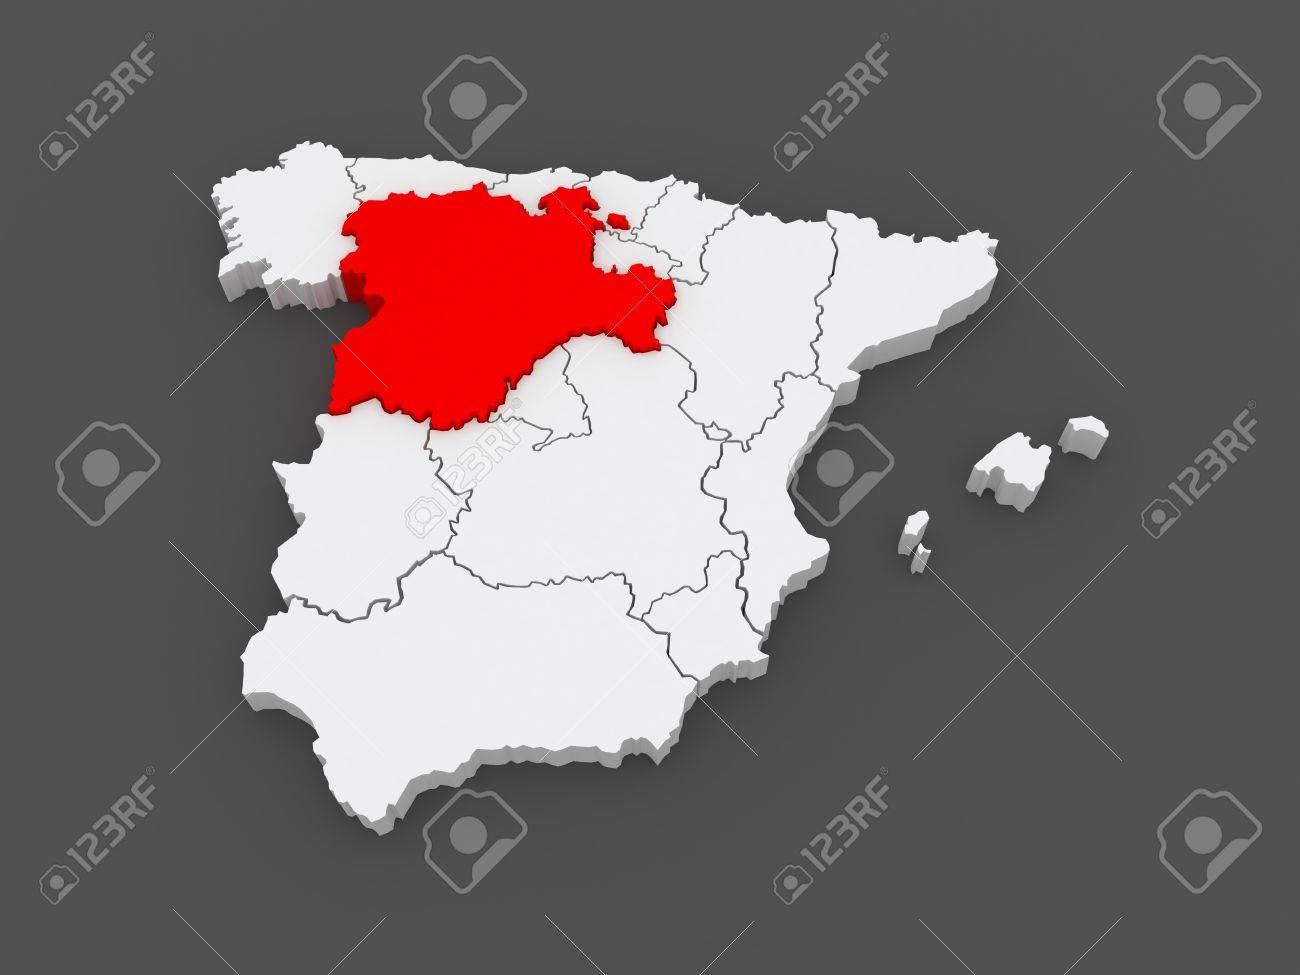 Mapa Castilla Y León.Mapa De Castilla Y Leon Espana 3d